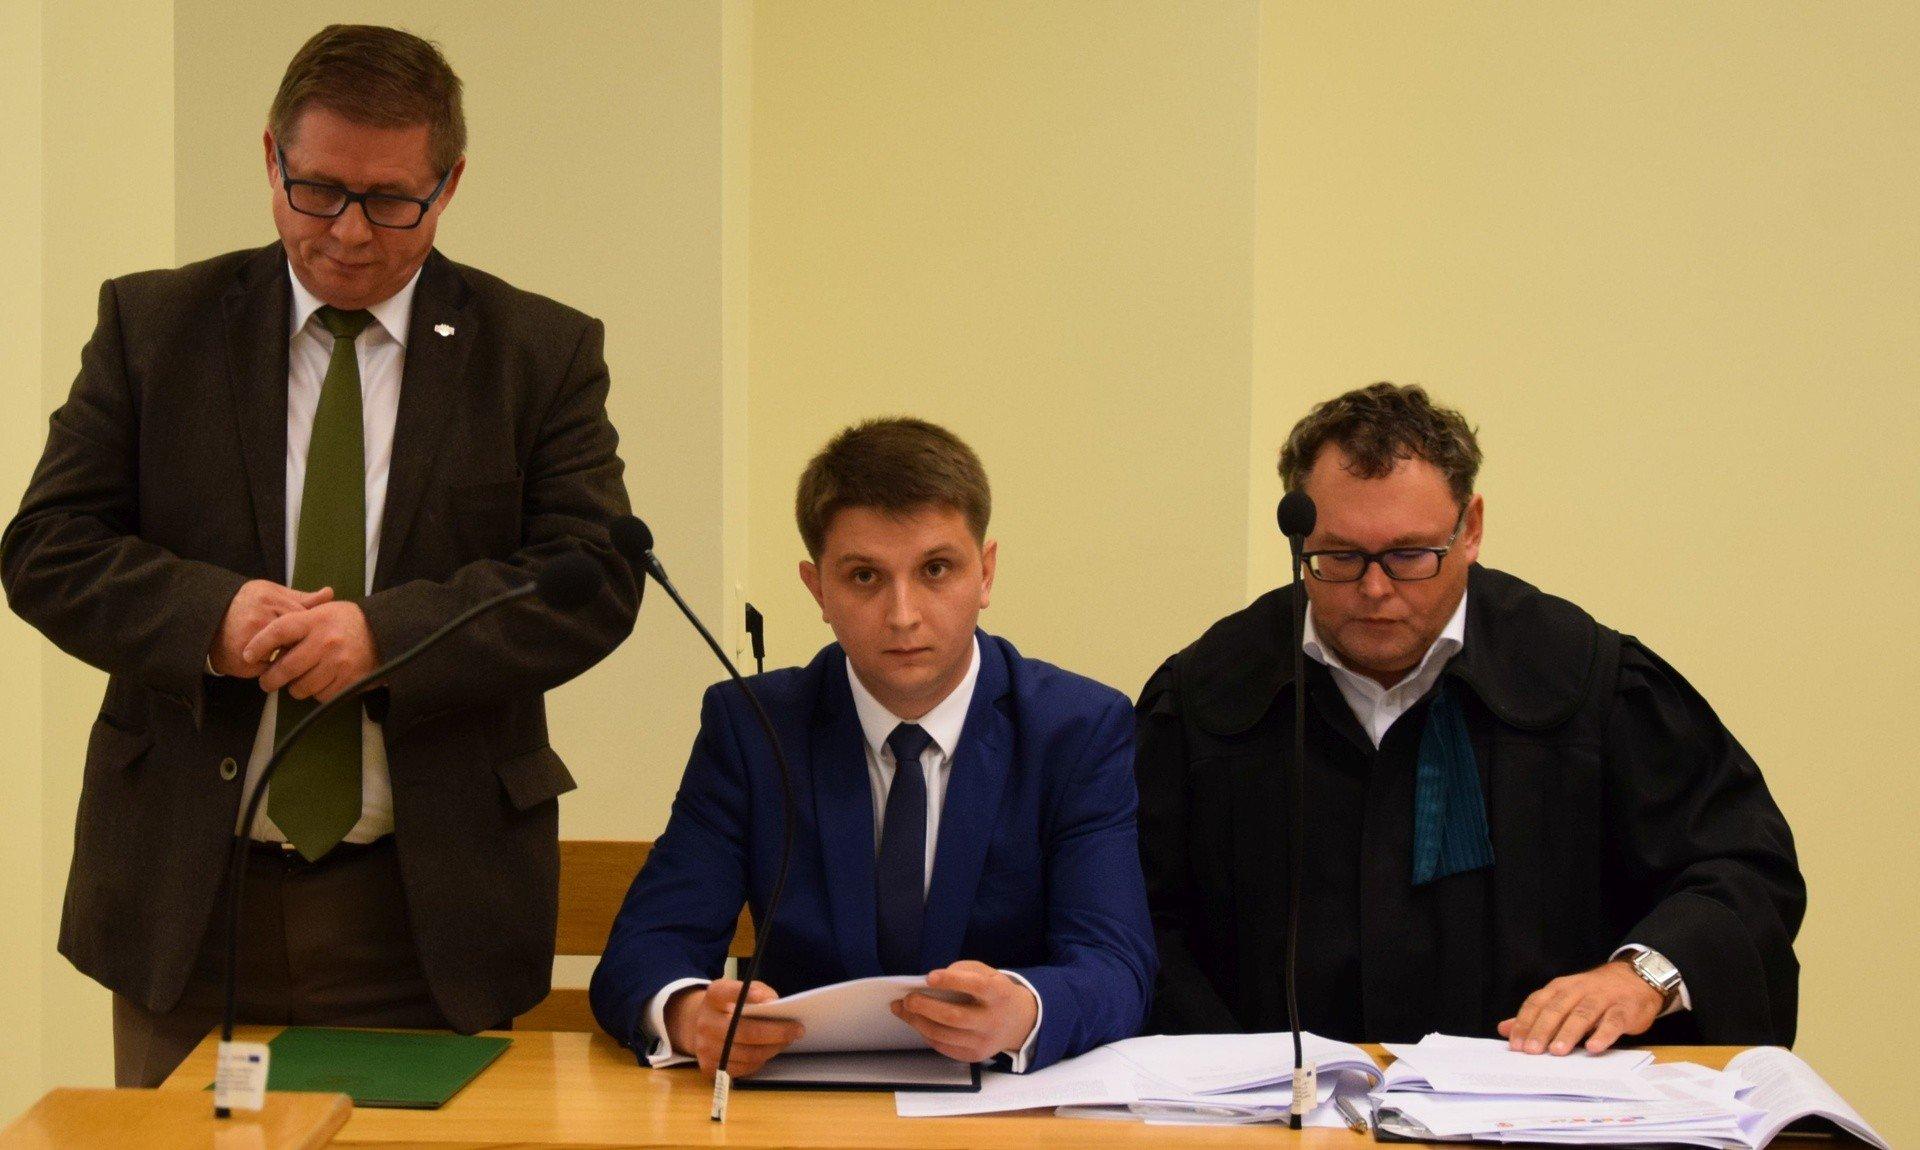 Miosz Redzimski mistrzem Polski modzikw - GMKS Strzelec